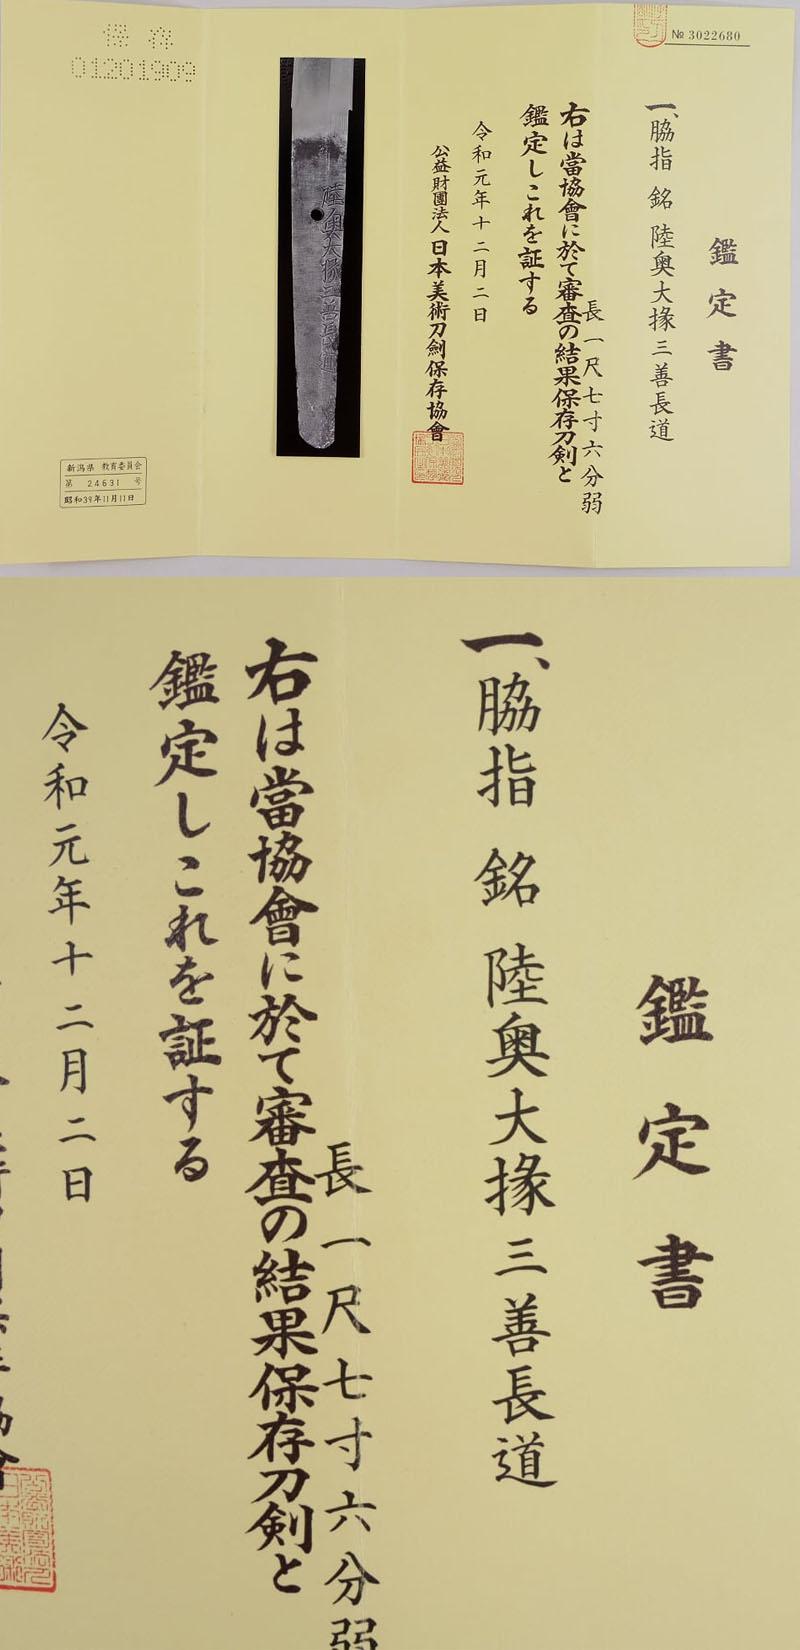 脇差 陸奥大掾三善長道(初代三善長道)(最上大業物)鑑定書画像